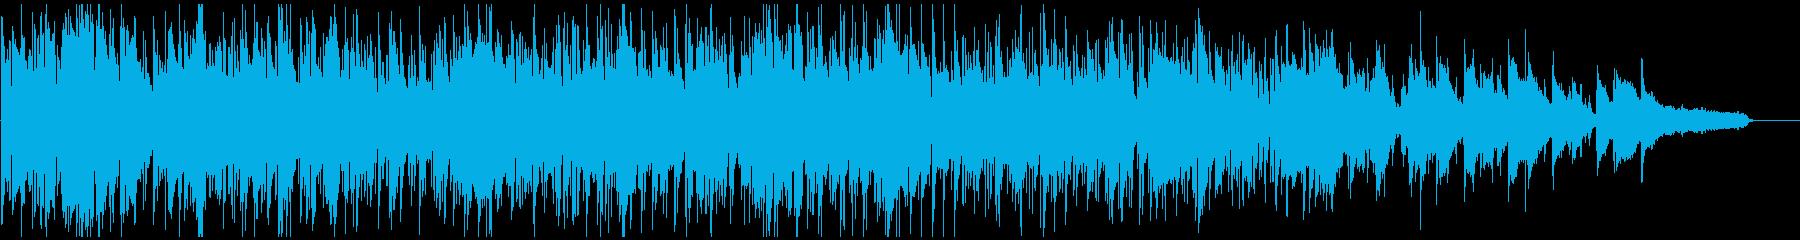 フレッシュなボサノバ・ジャズ、軽快テンポの再生済みの波形